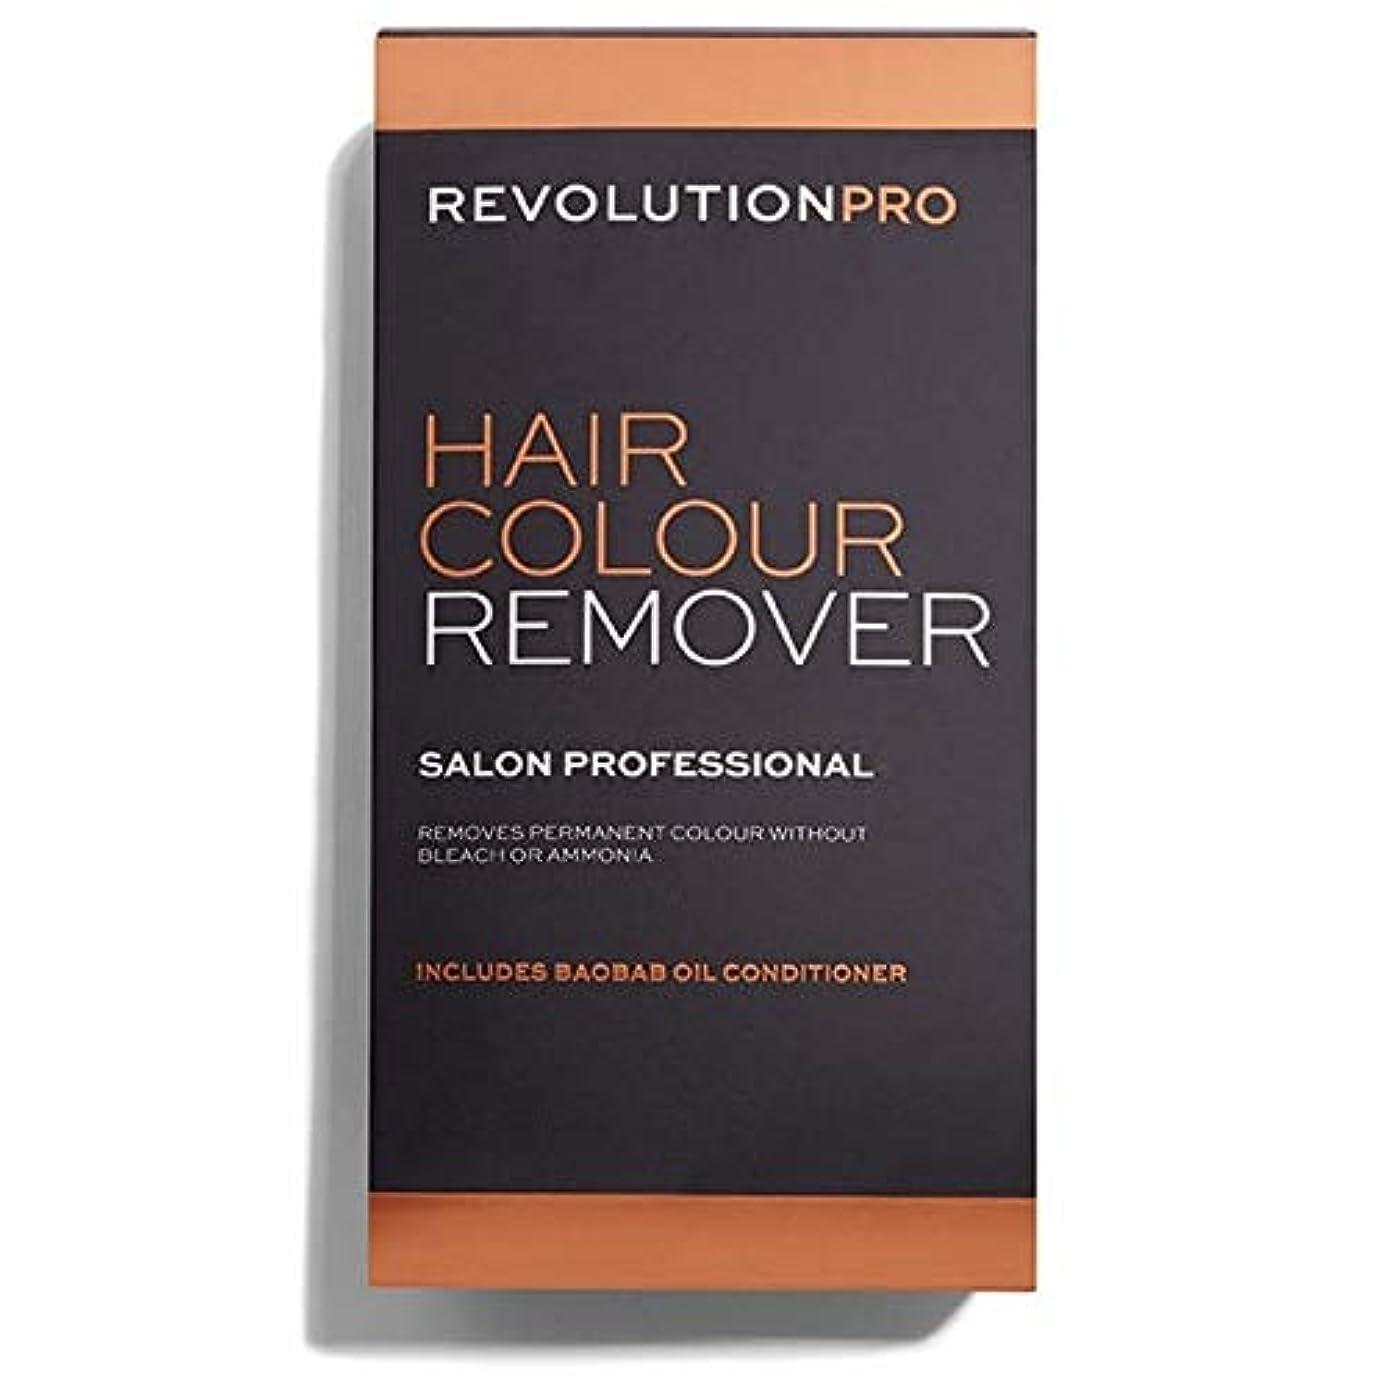 脱走ライラック敬意を表して[Hair Revolution] 革命プロのヘアカラーリムーバー - Revolution PRO Hair Colour Remover [並行輸入品]